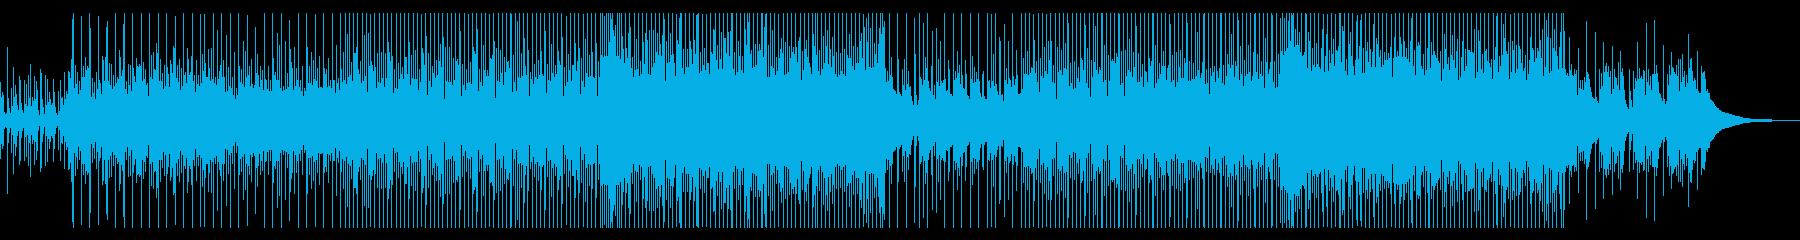 明るく可愛い陽気なコンセプト系の再生済みの波形